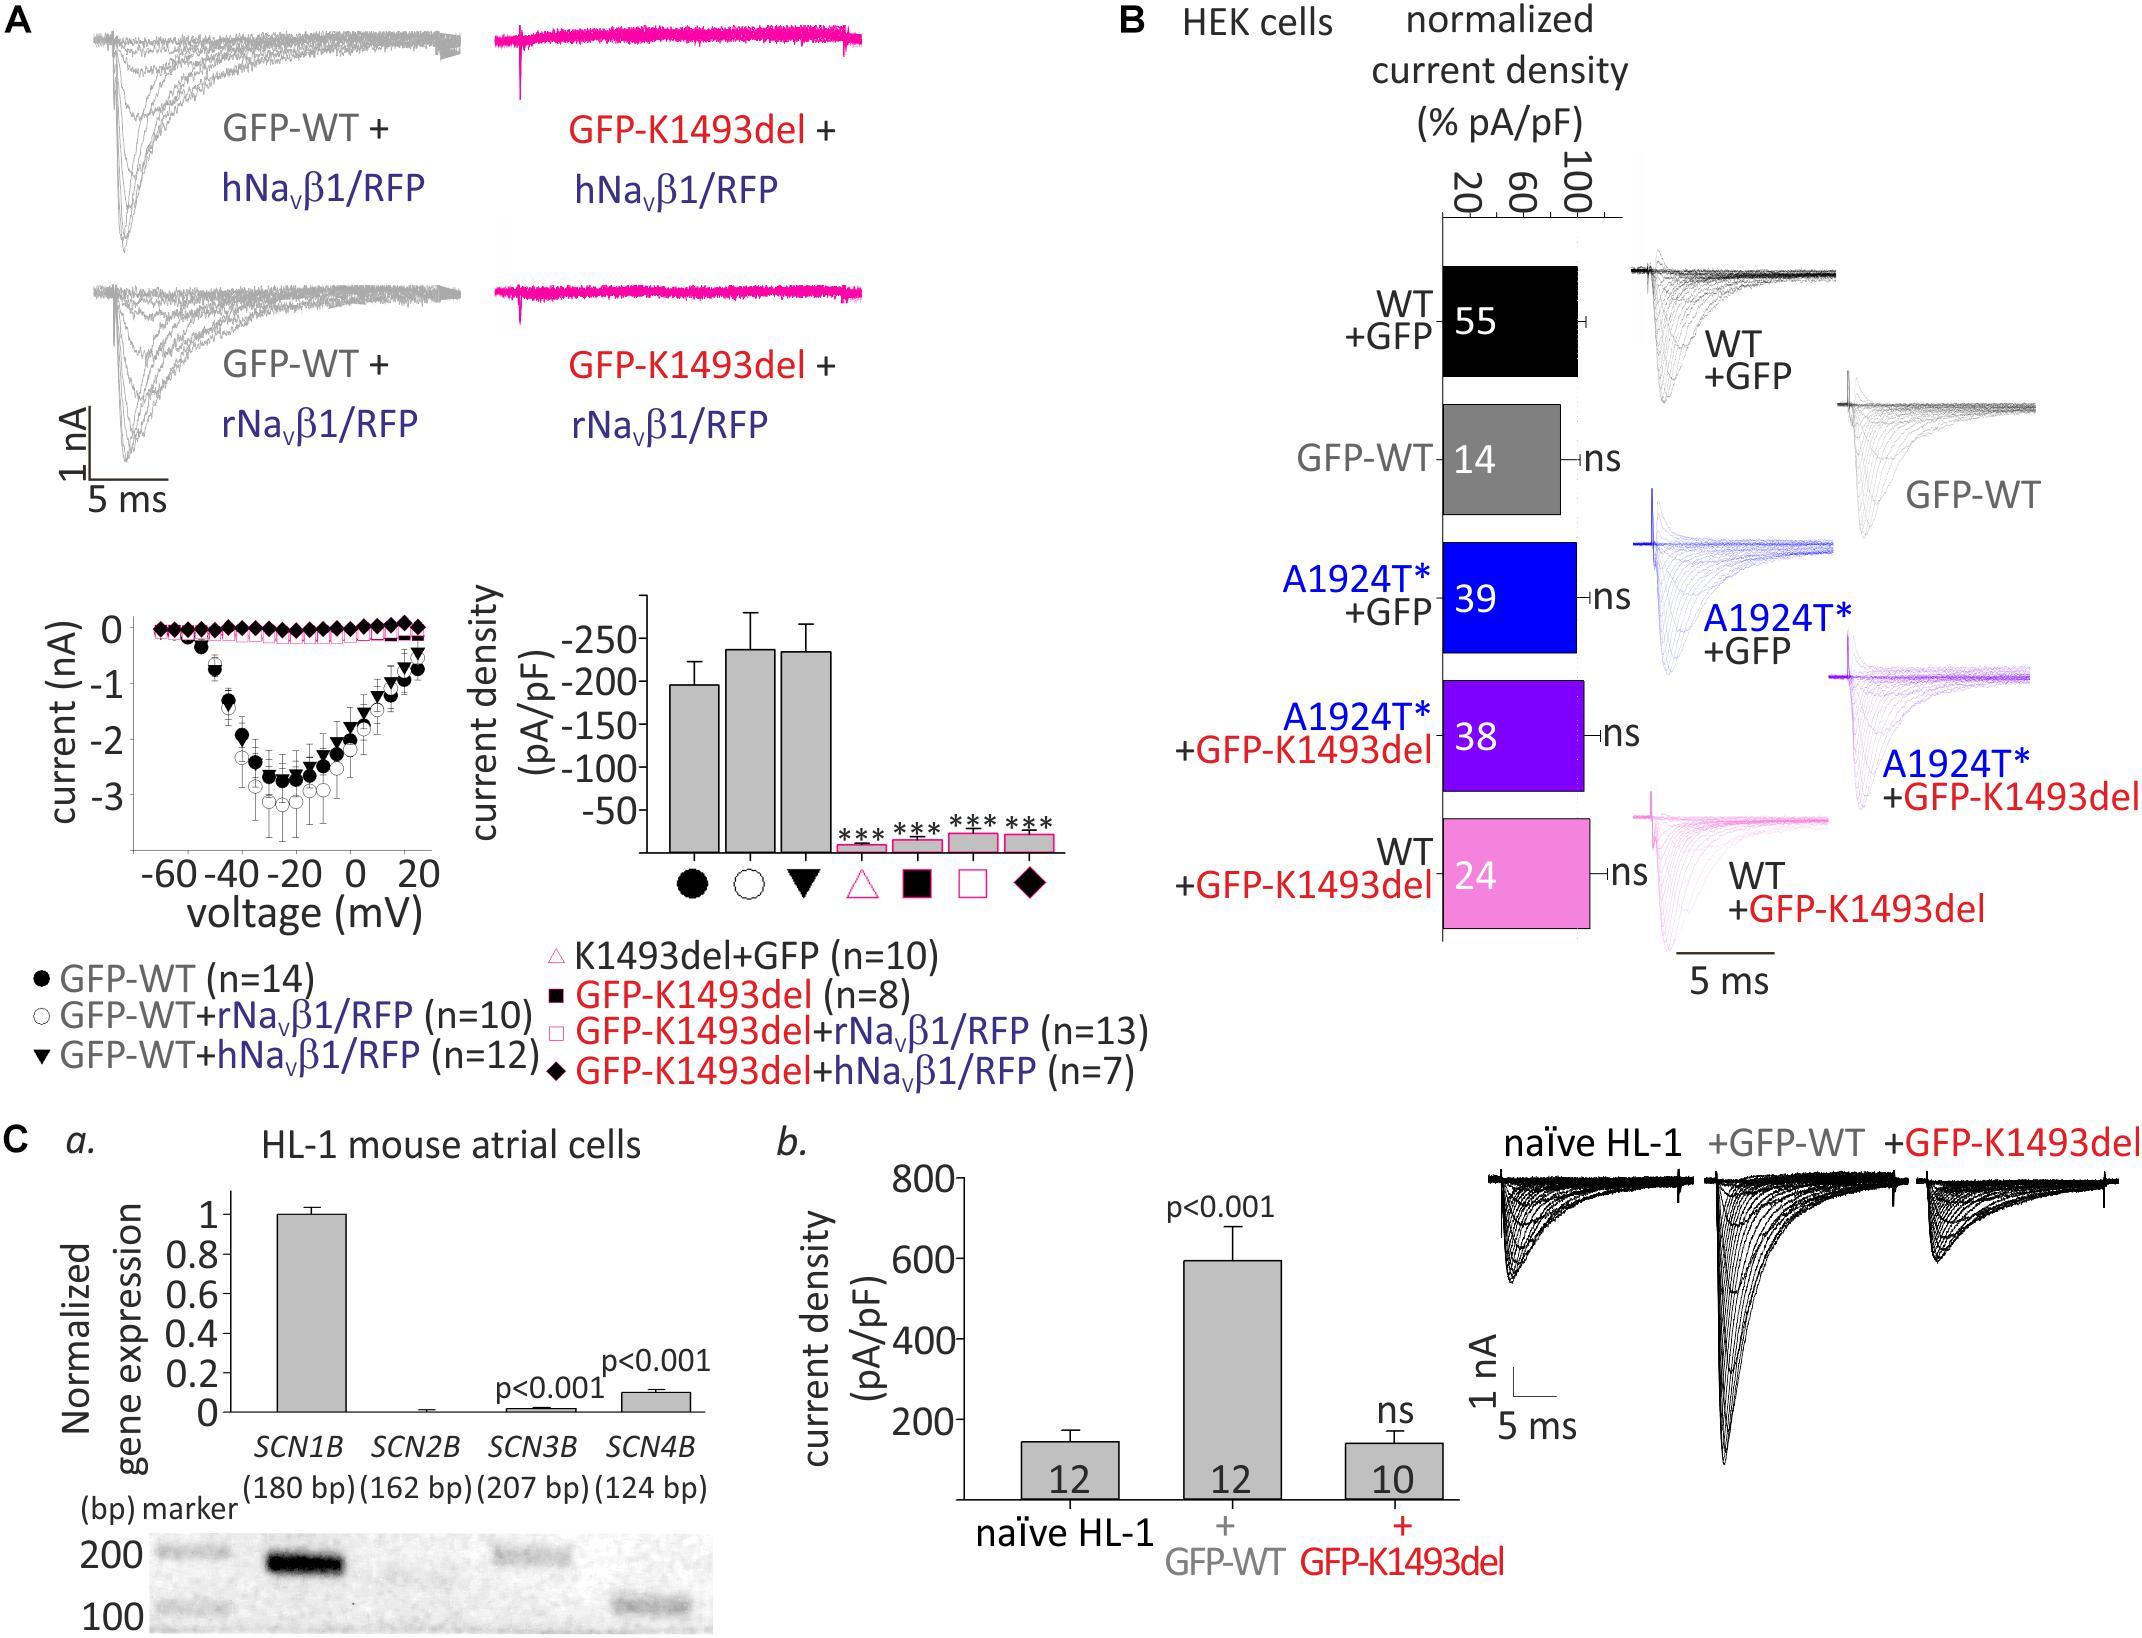 Frontiers | Mutations in NaV1 5 Reveal Calcium-Calmodulin Regulation